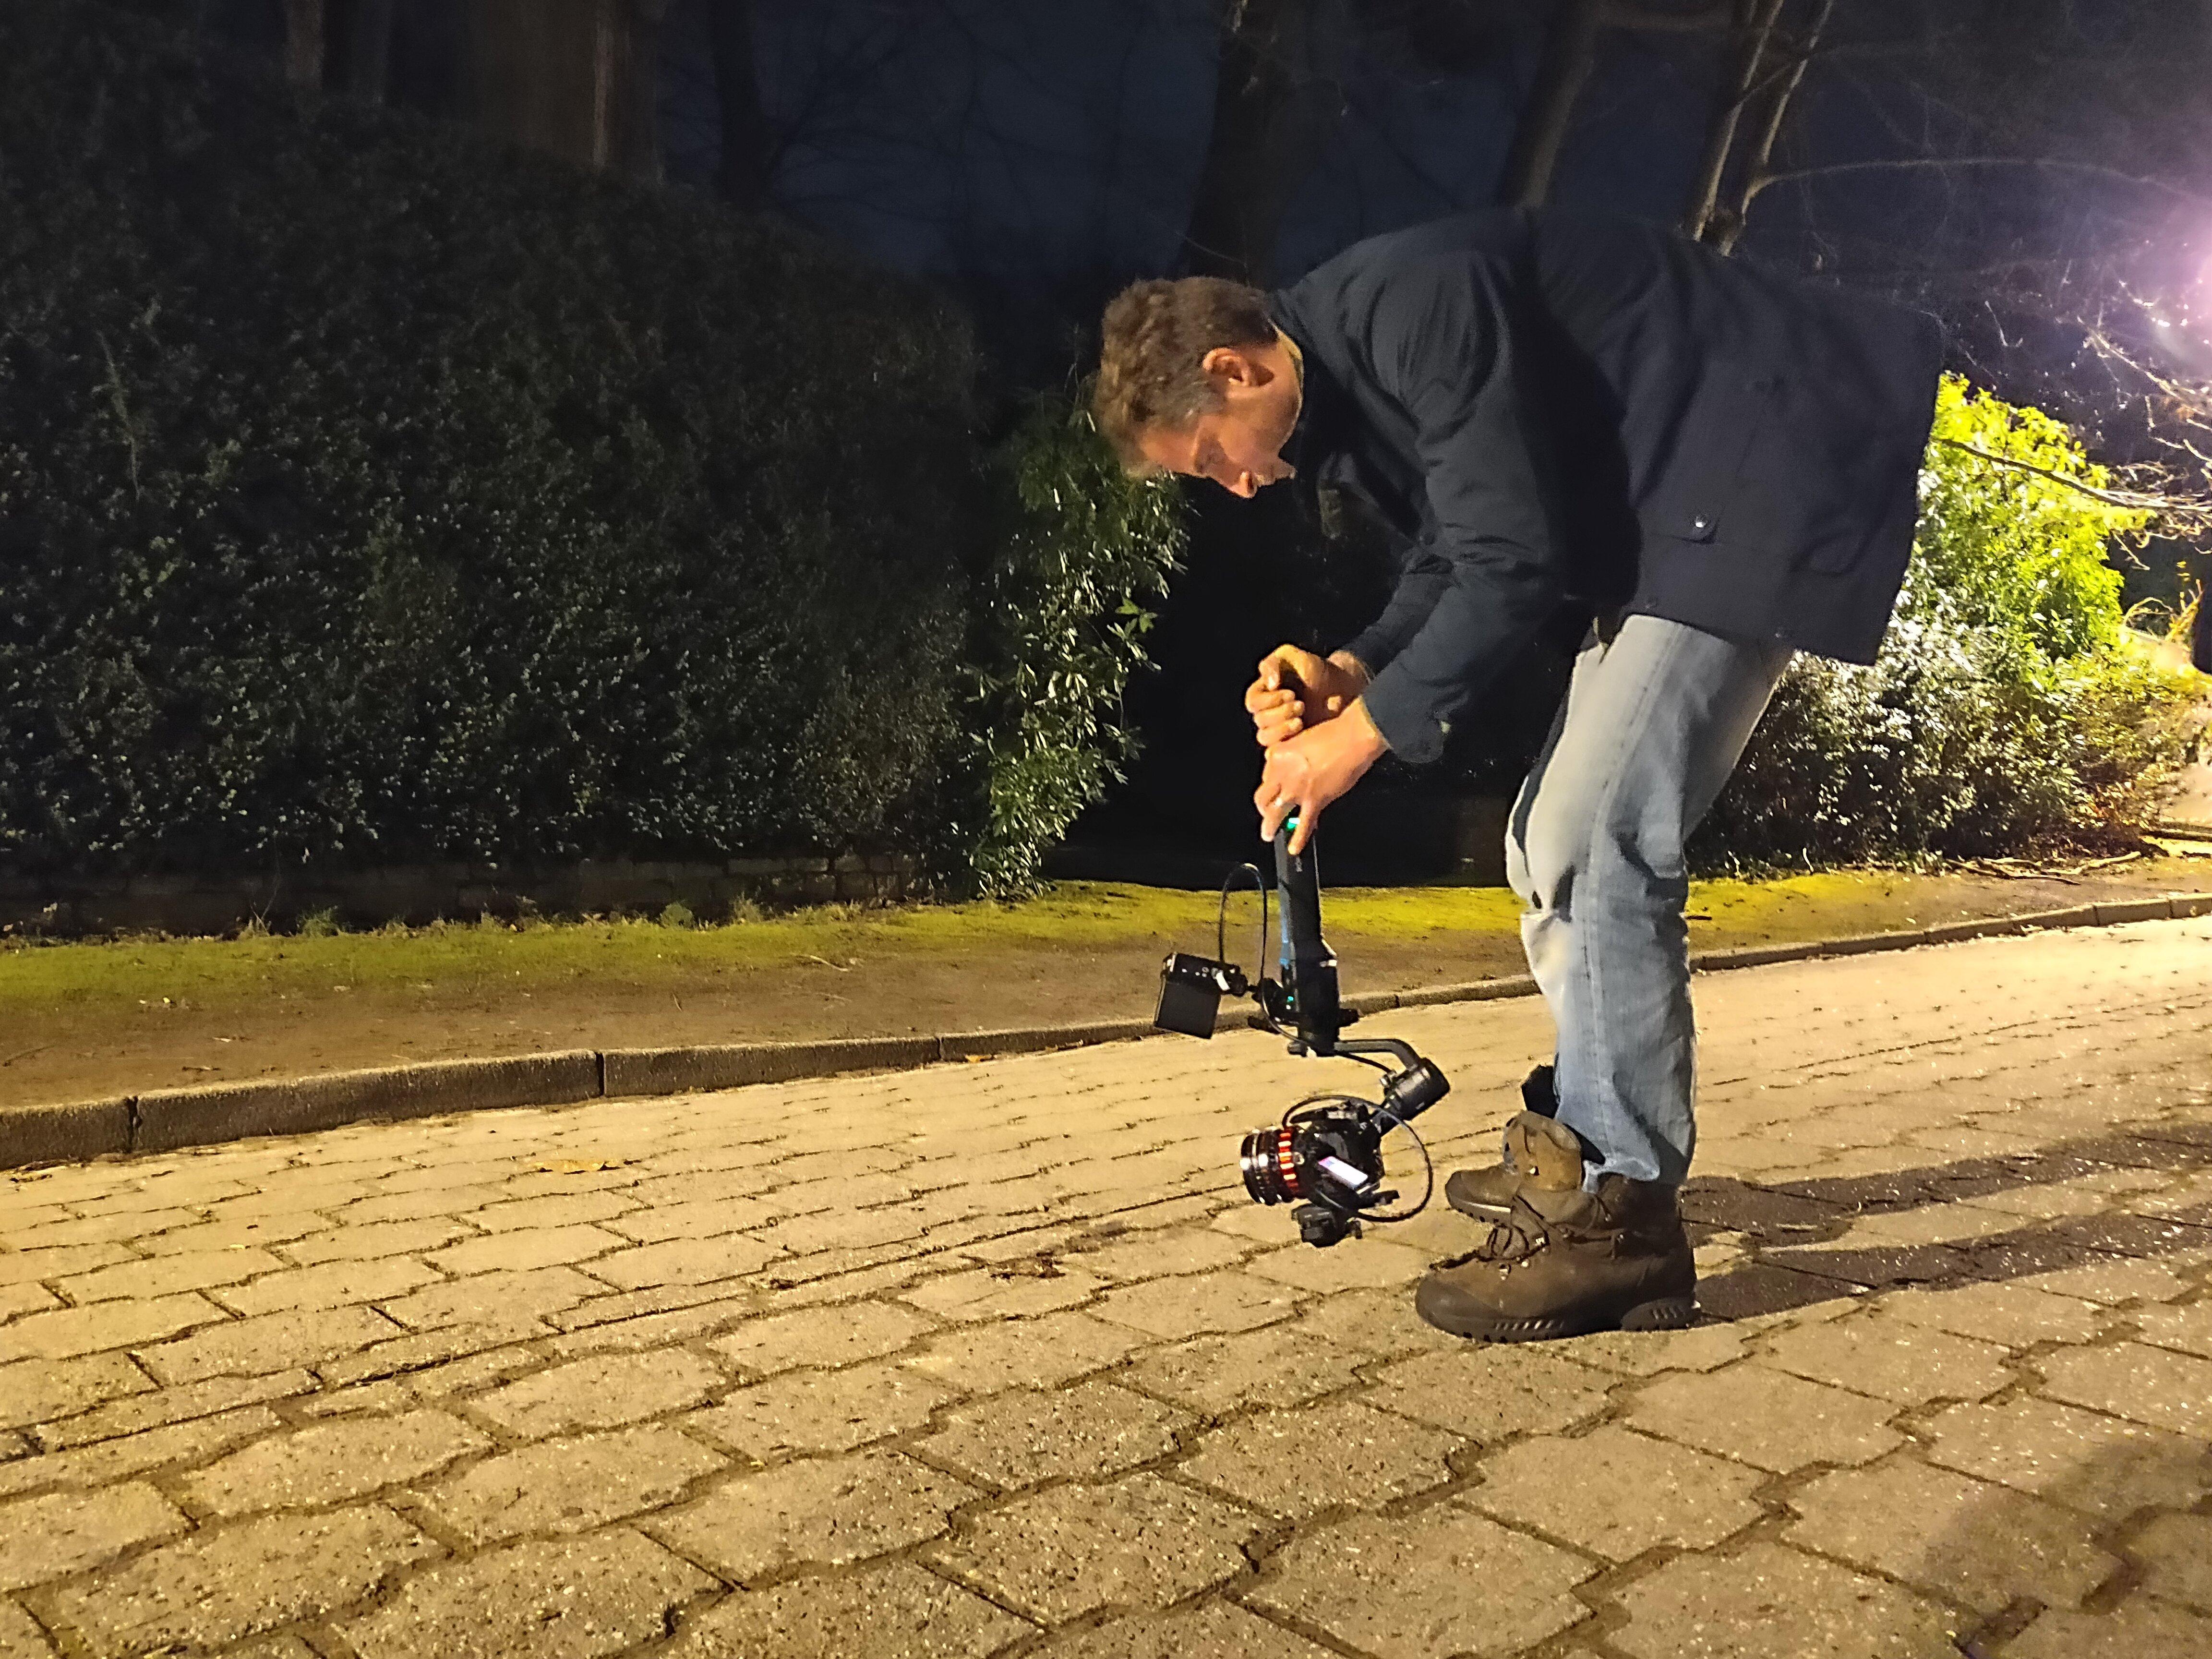 De camera hangt ondersteboven om vanuit het standpunt van de pad te filmen